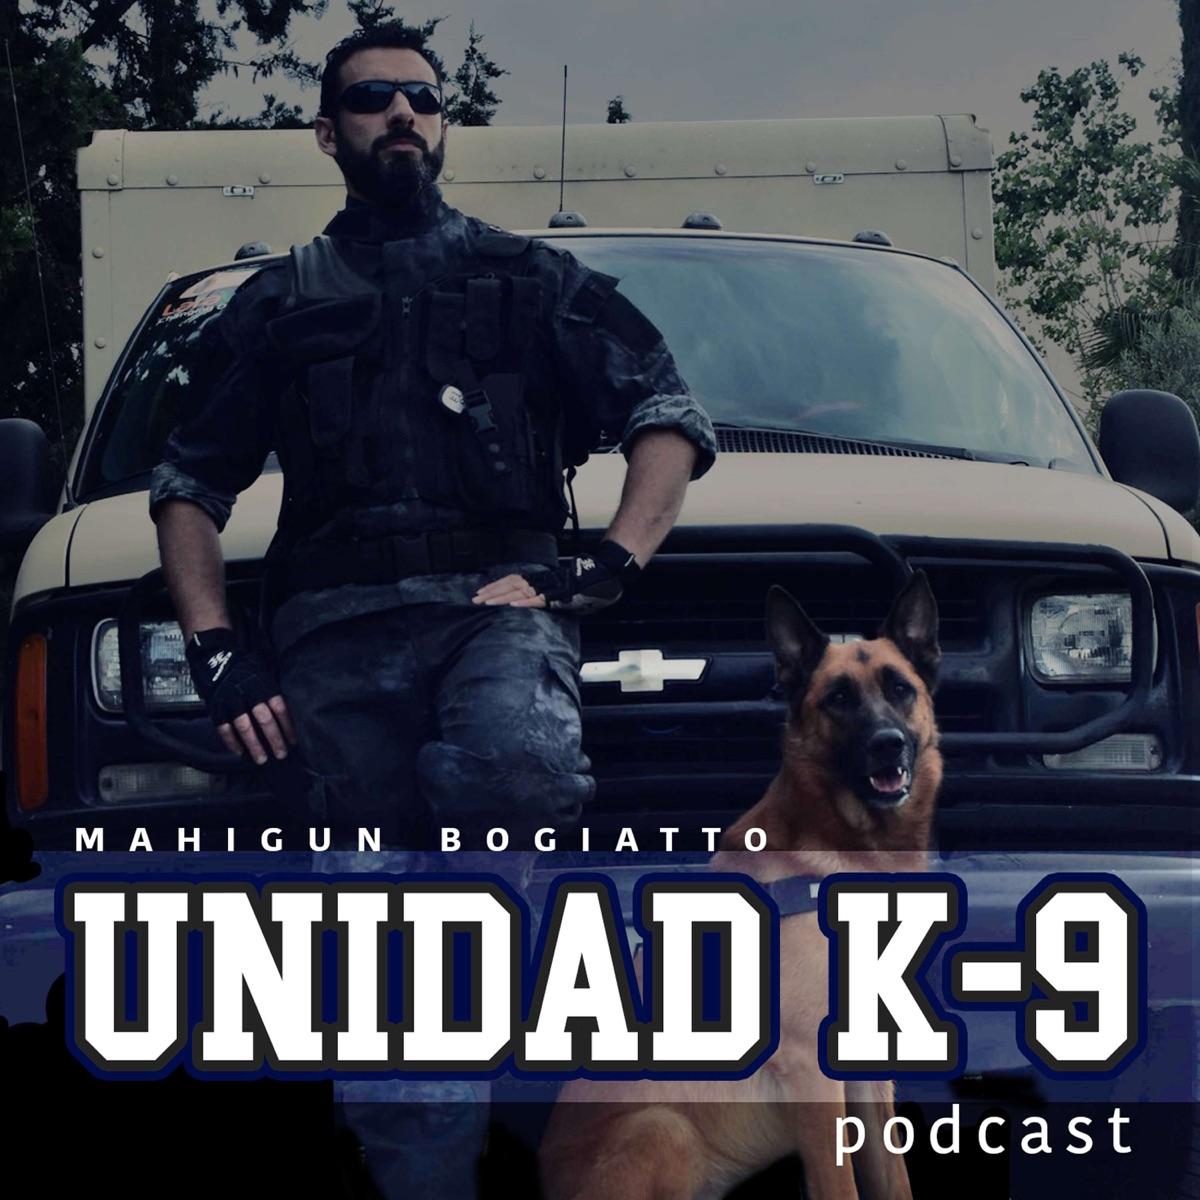 Unidad K-9